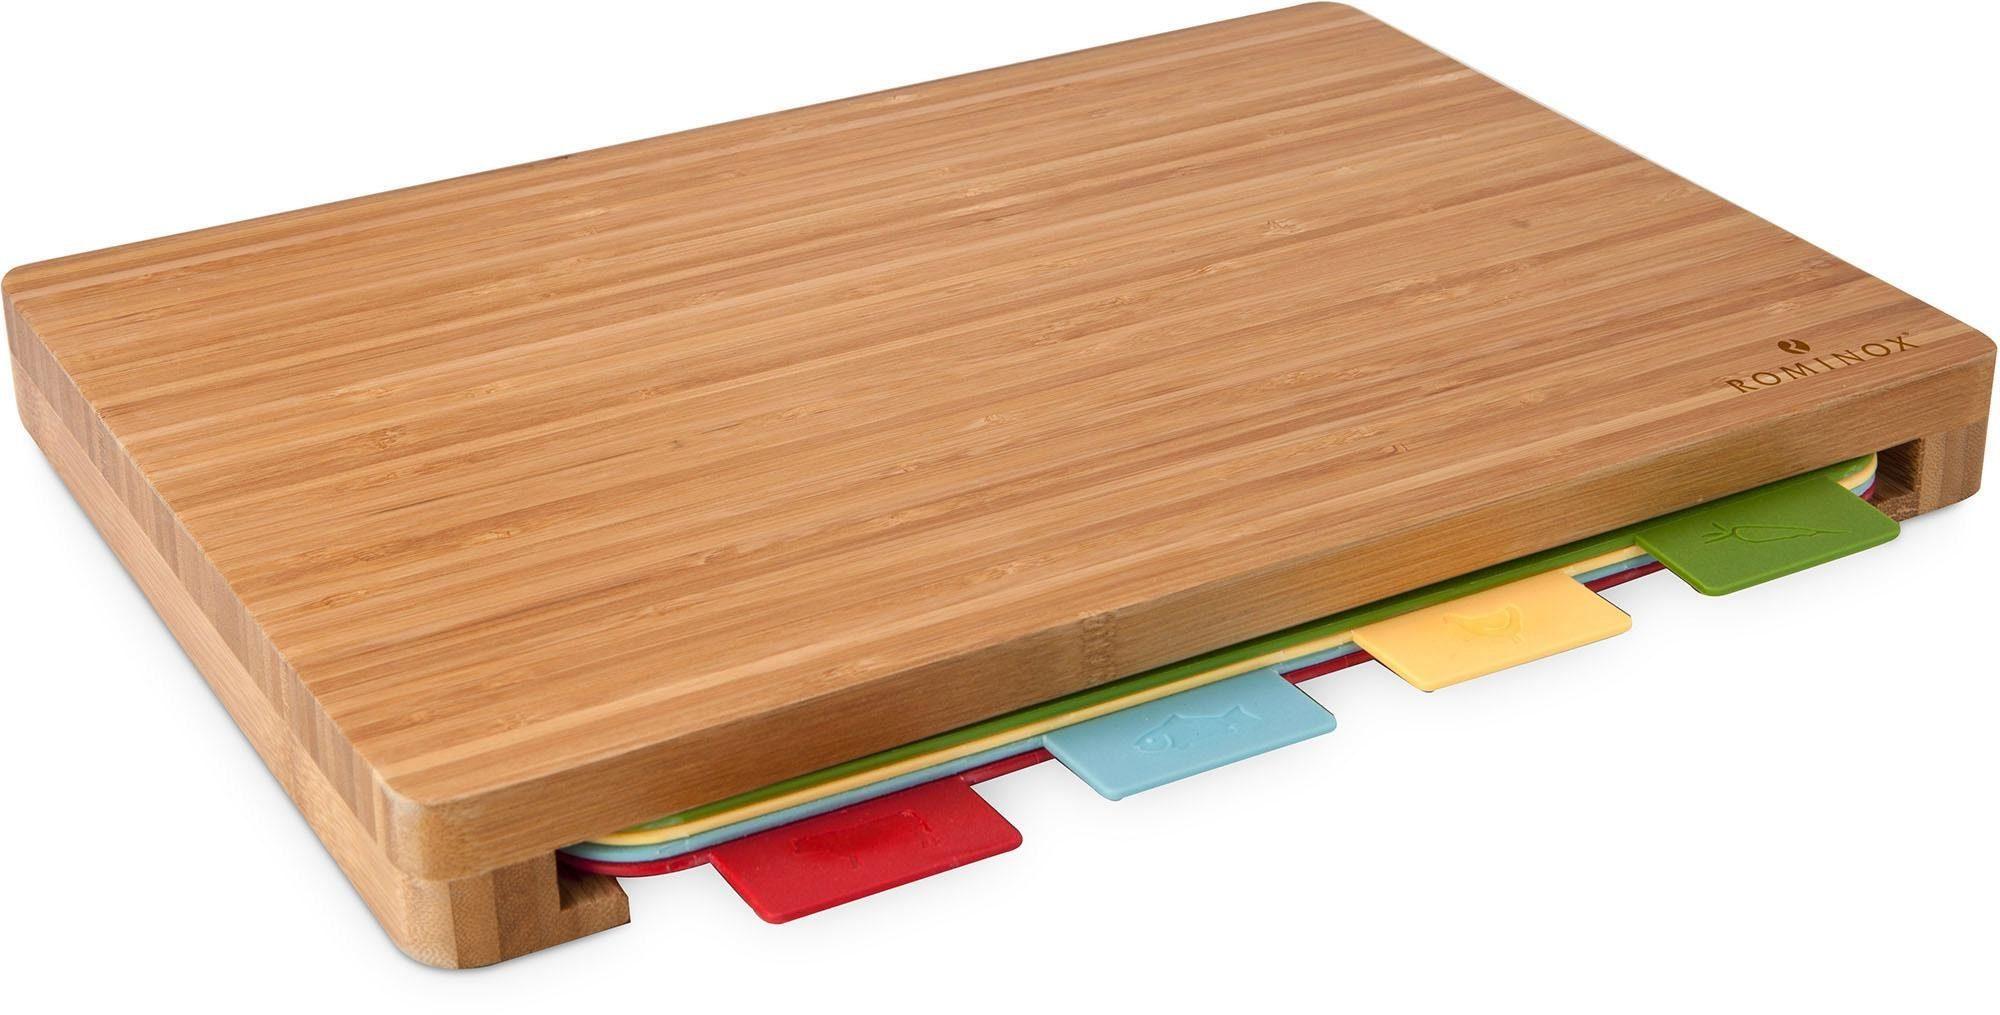 Schneidebrett 27,5 x 11 cm Holz massiv mit Griff kompakter Küchenhelfer />/>NEU/>/>